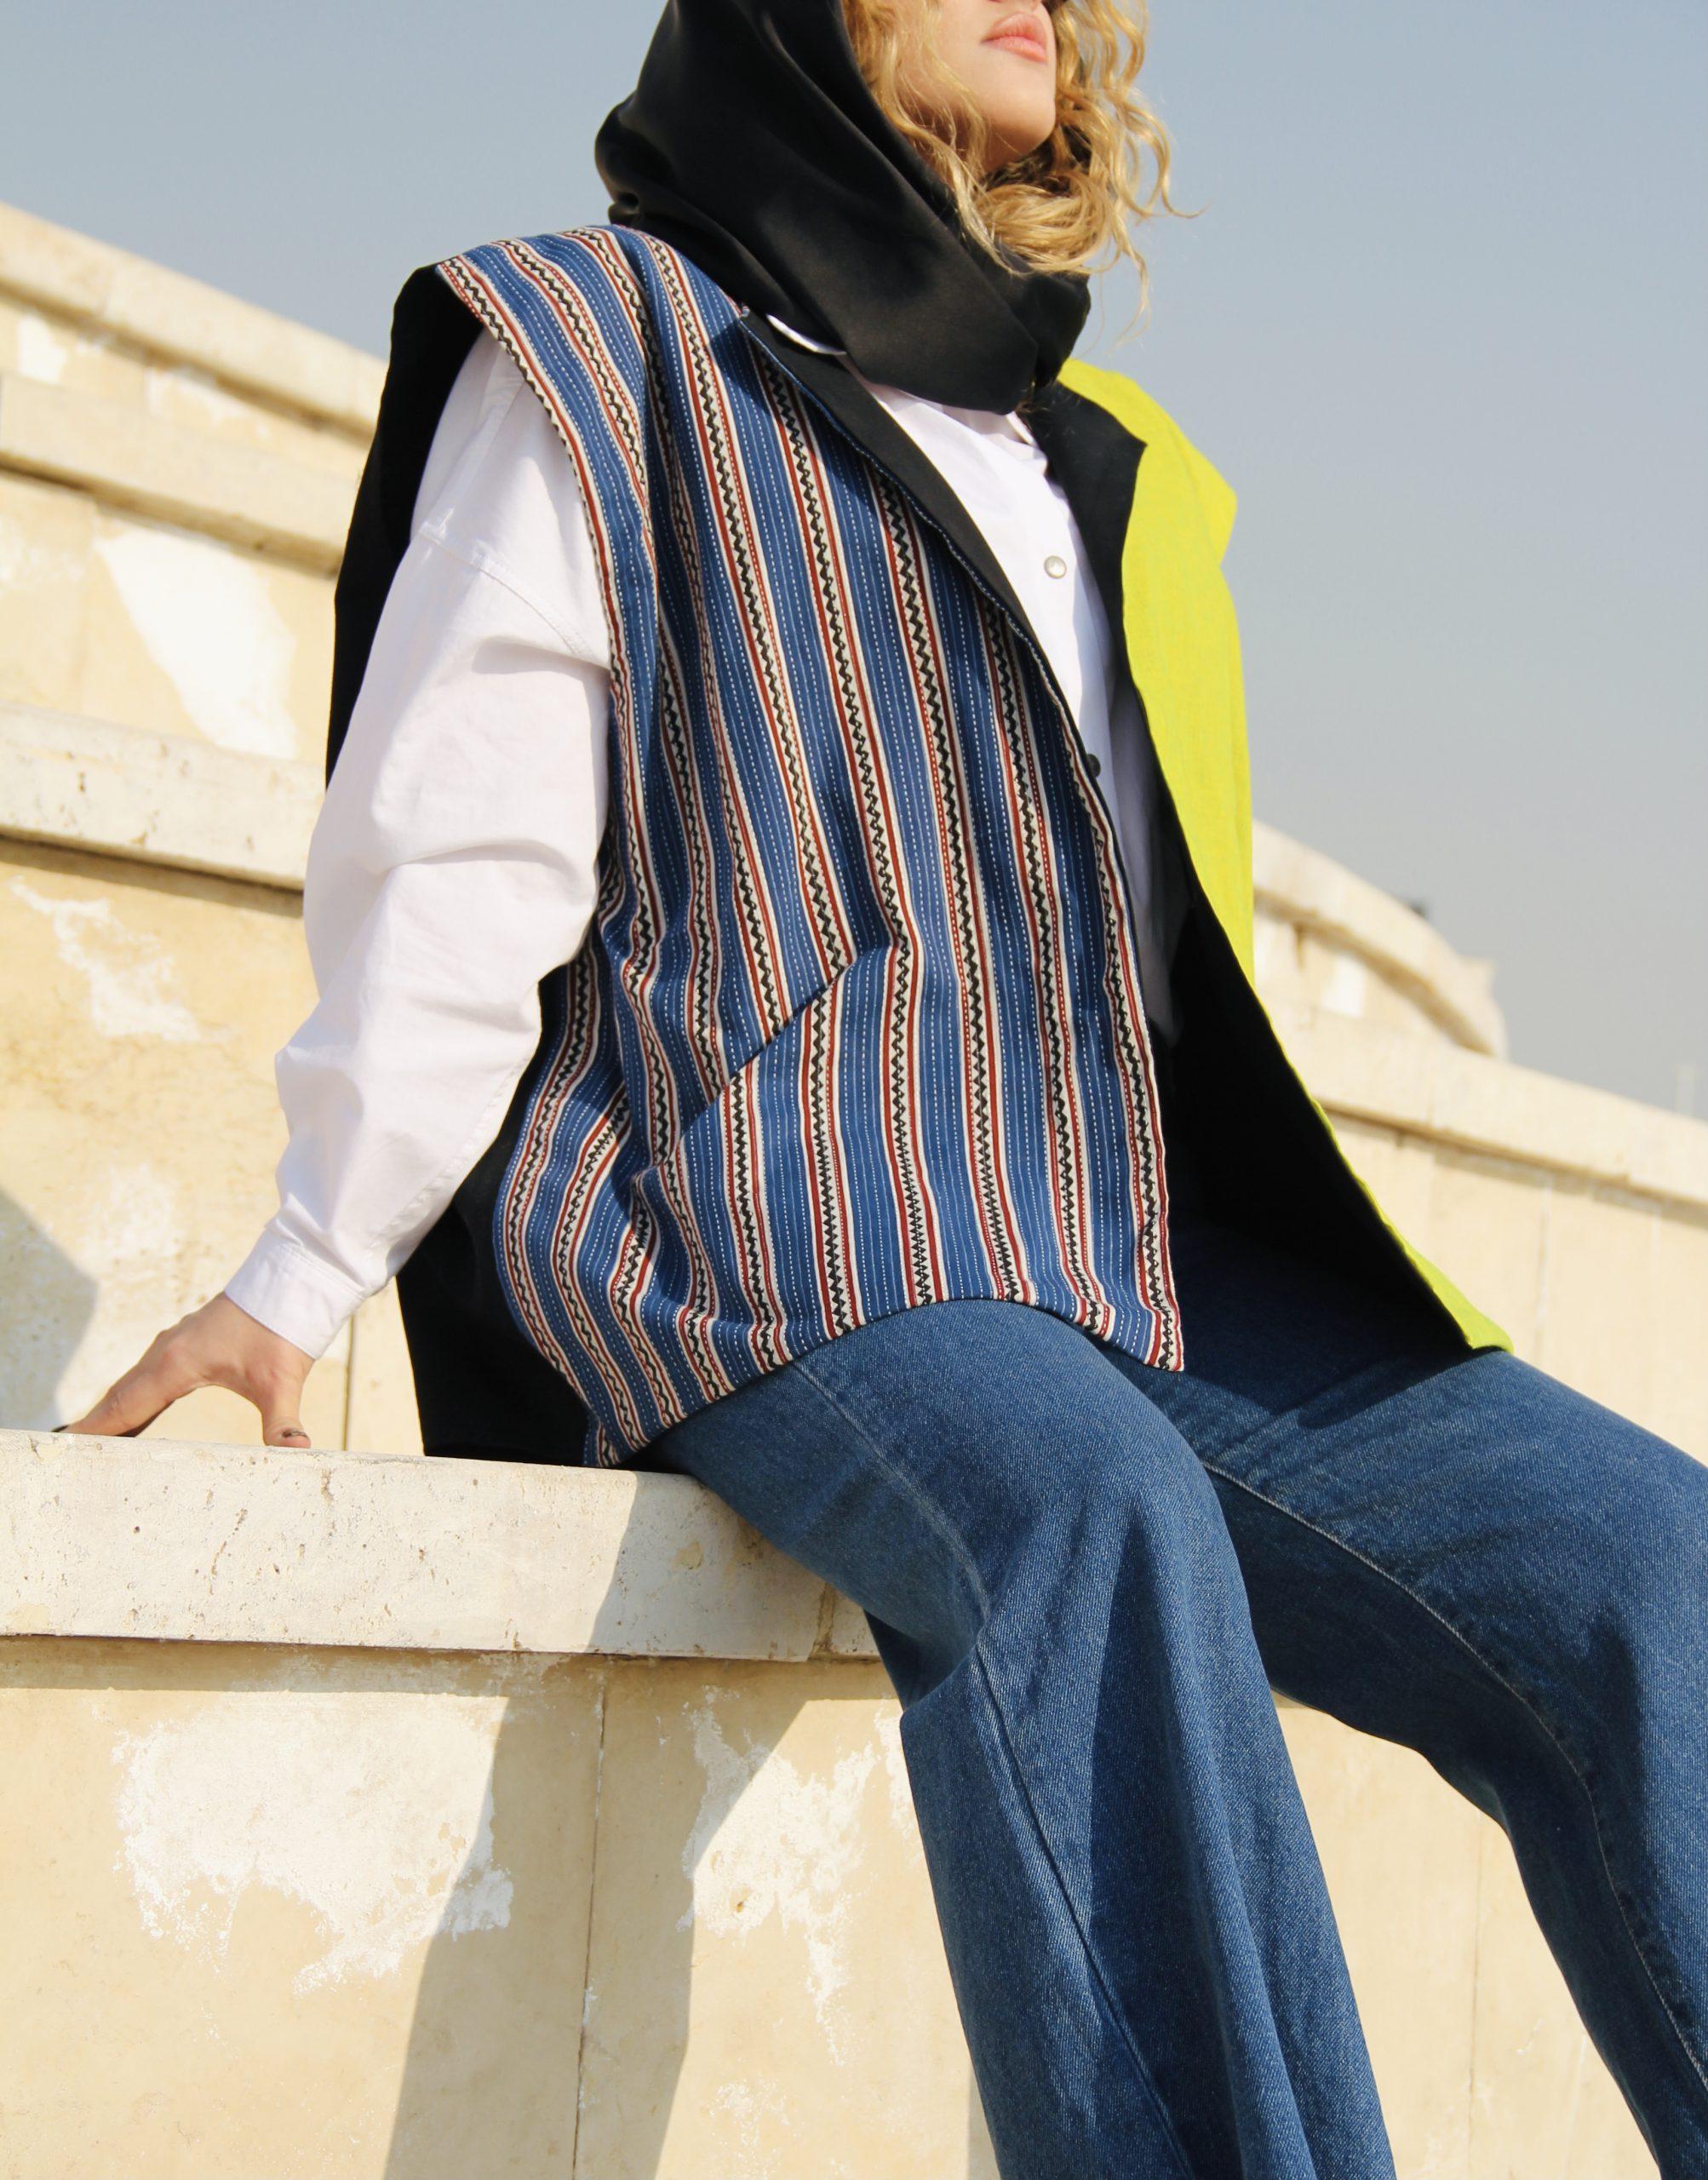 جلیقه مهم ترین و رایج ترین پوشش زنان و مردان مشرق زمین